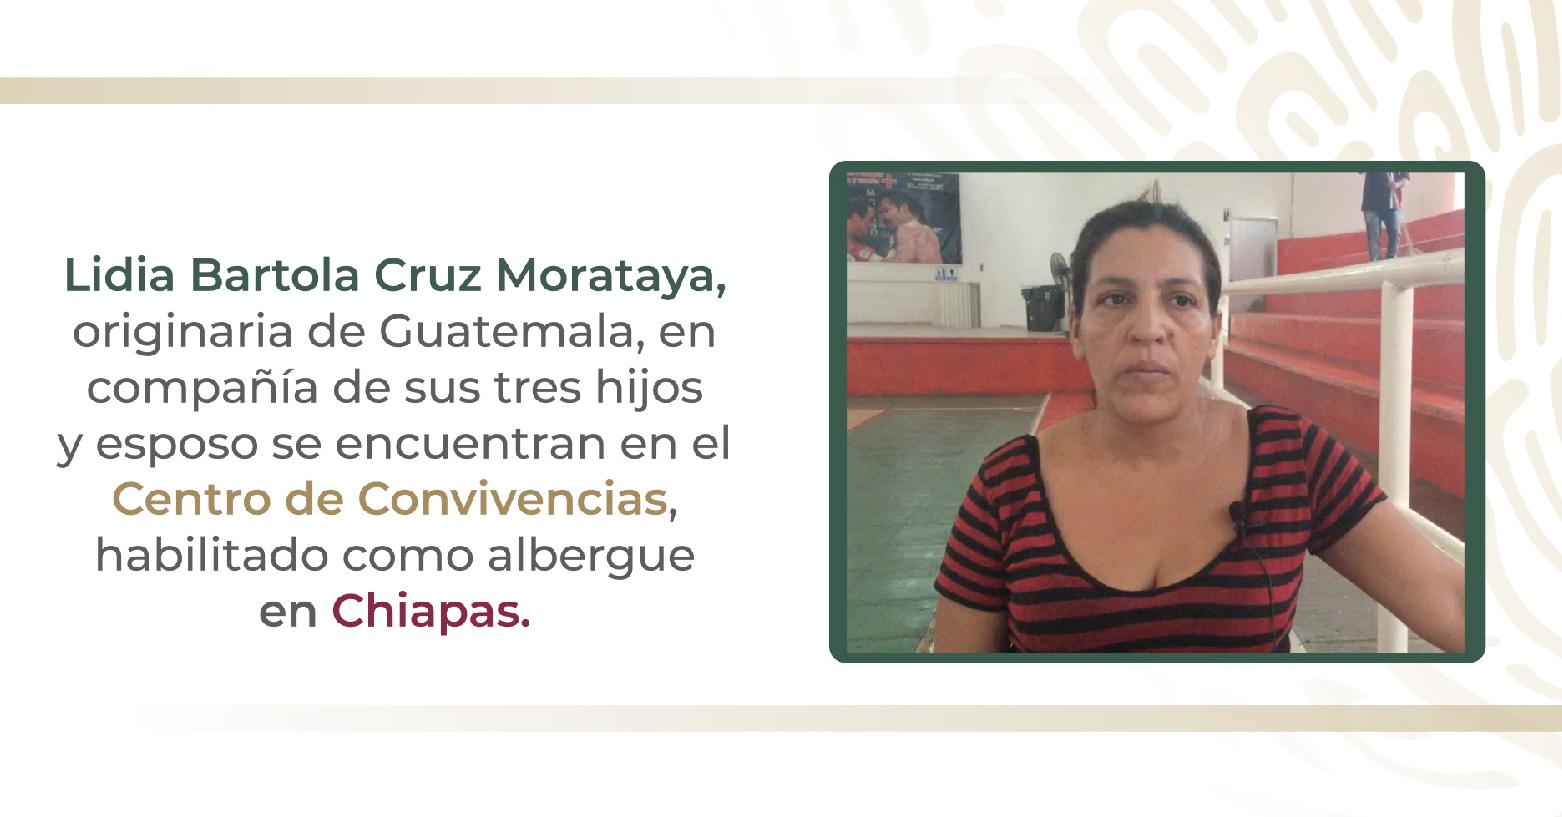 Lidia Bartola Cruz Morataya